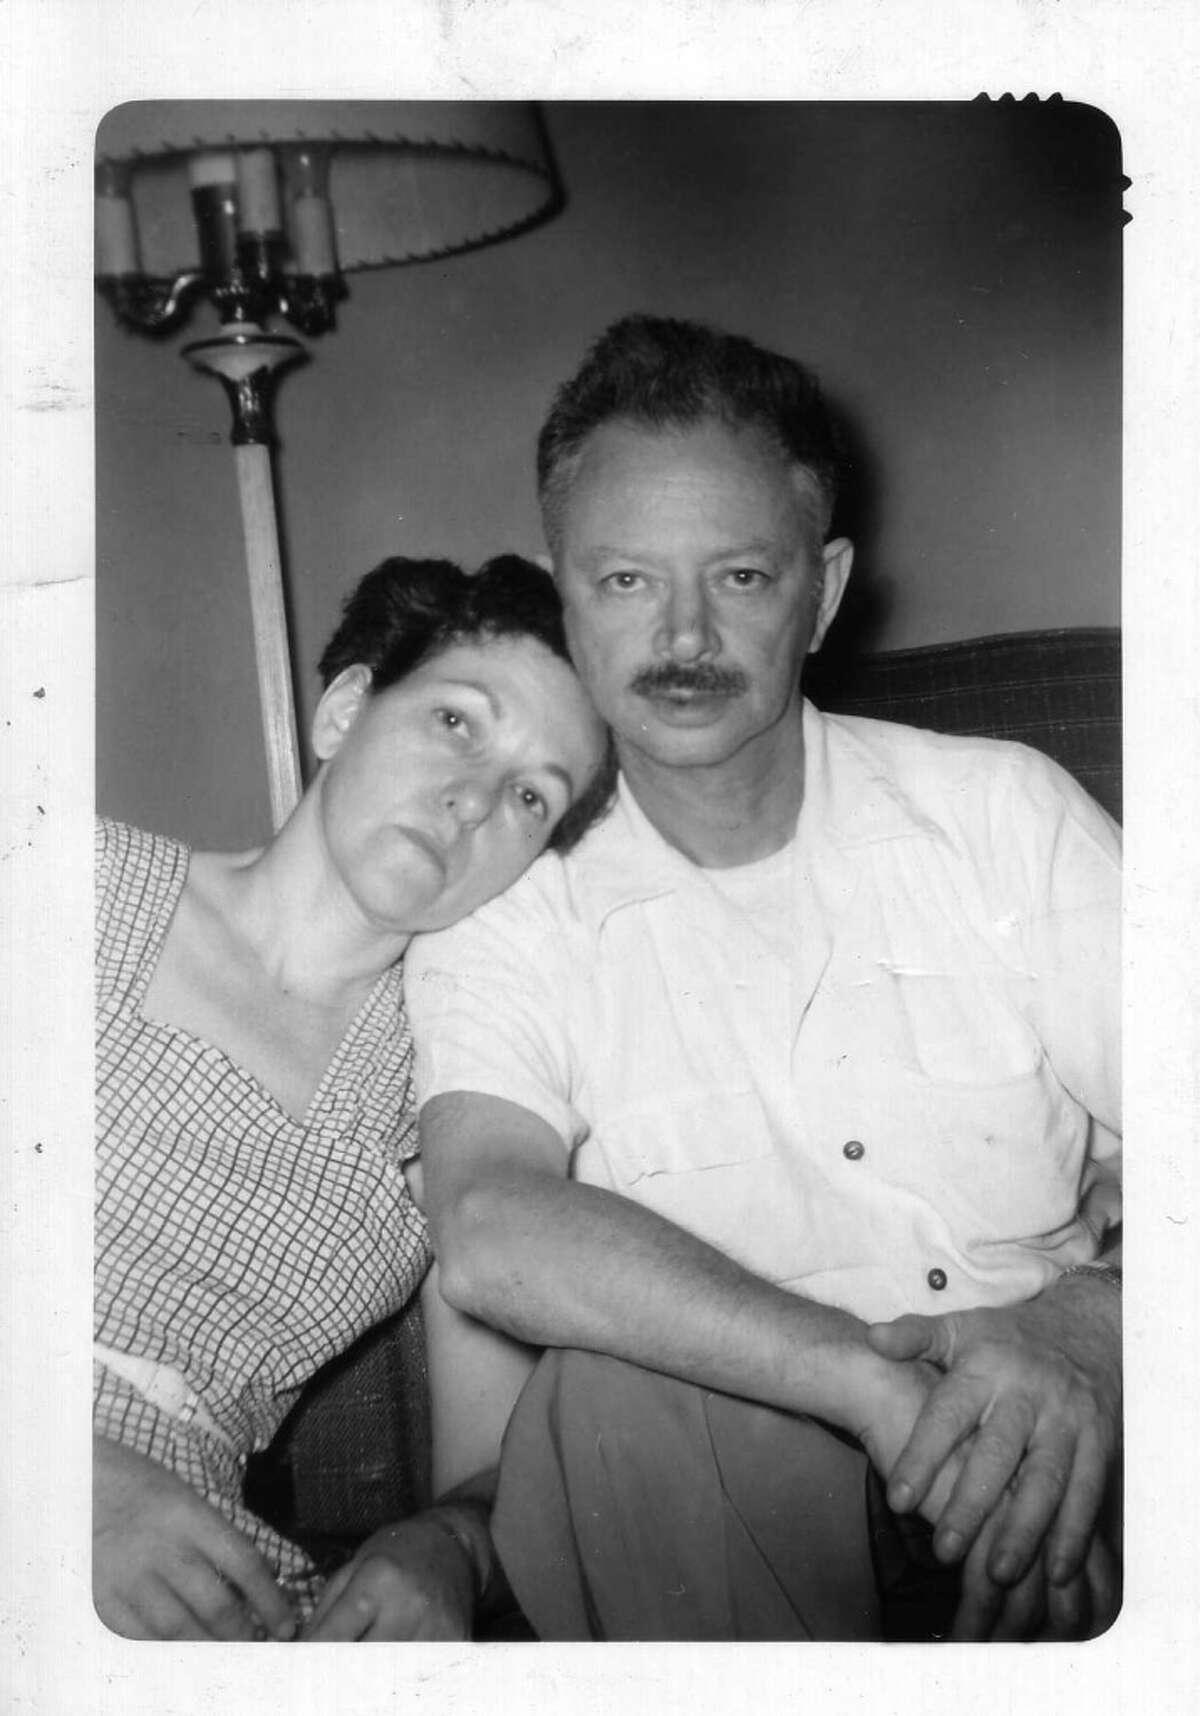 Larry Ellison's adoptive parents, Lillian and Louis Ellison.